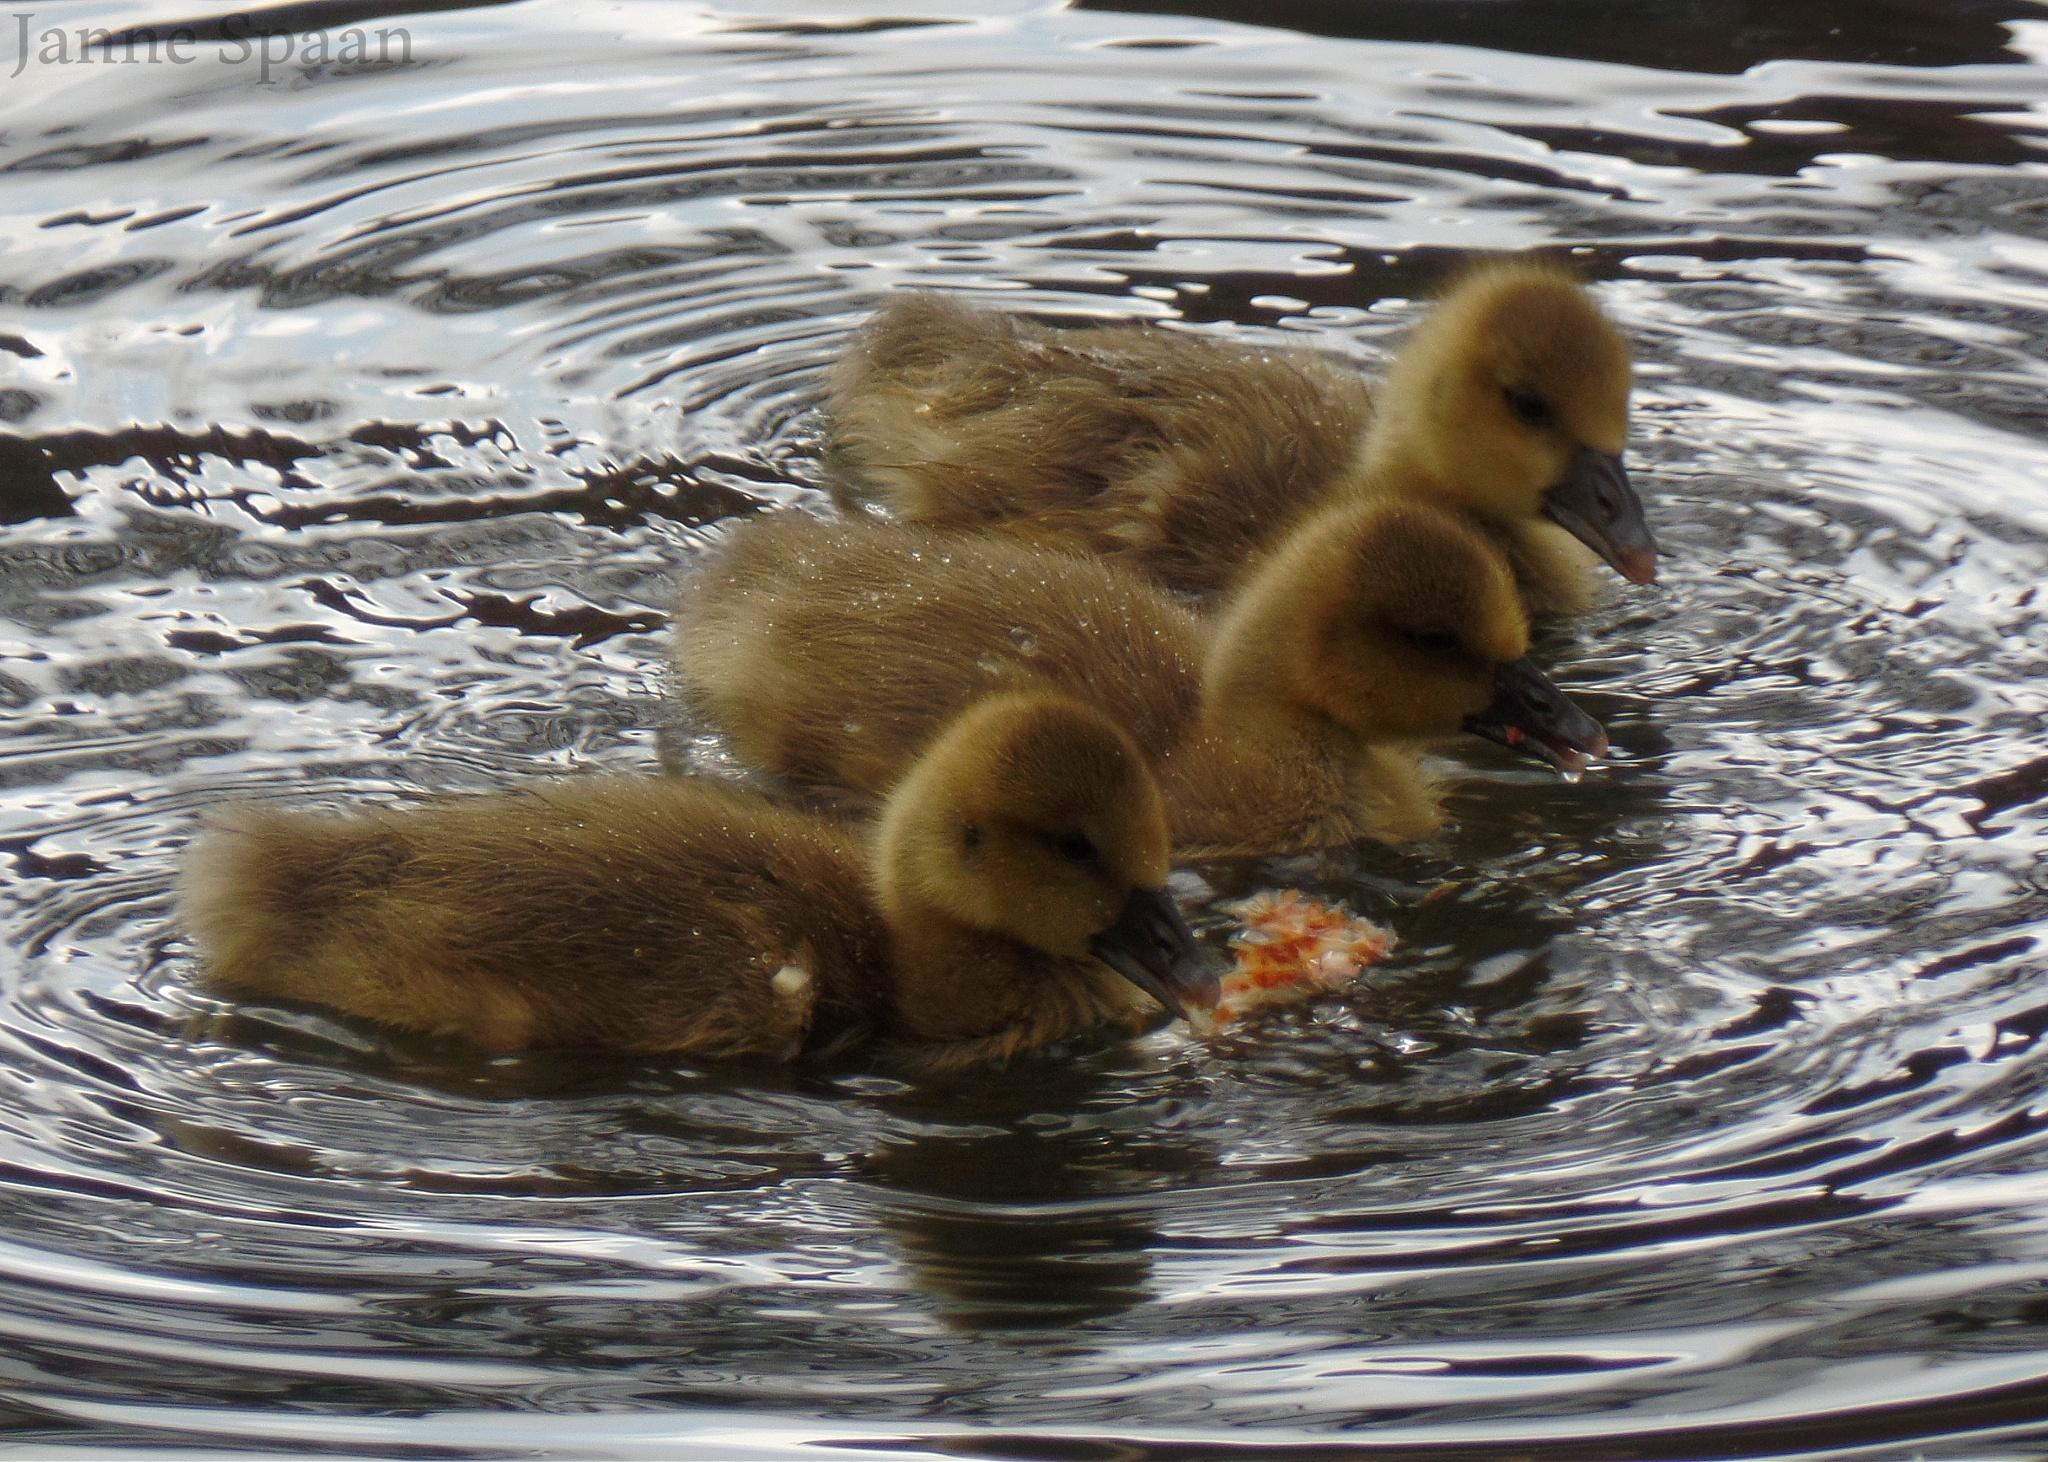 Ducklings by Janne Spaan